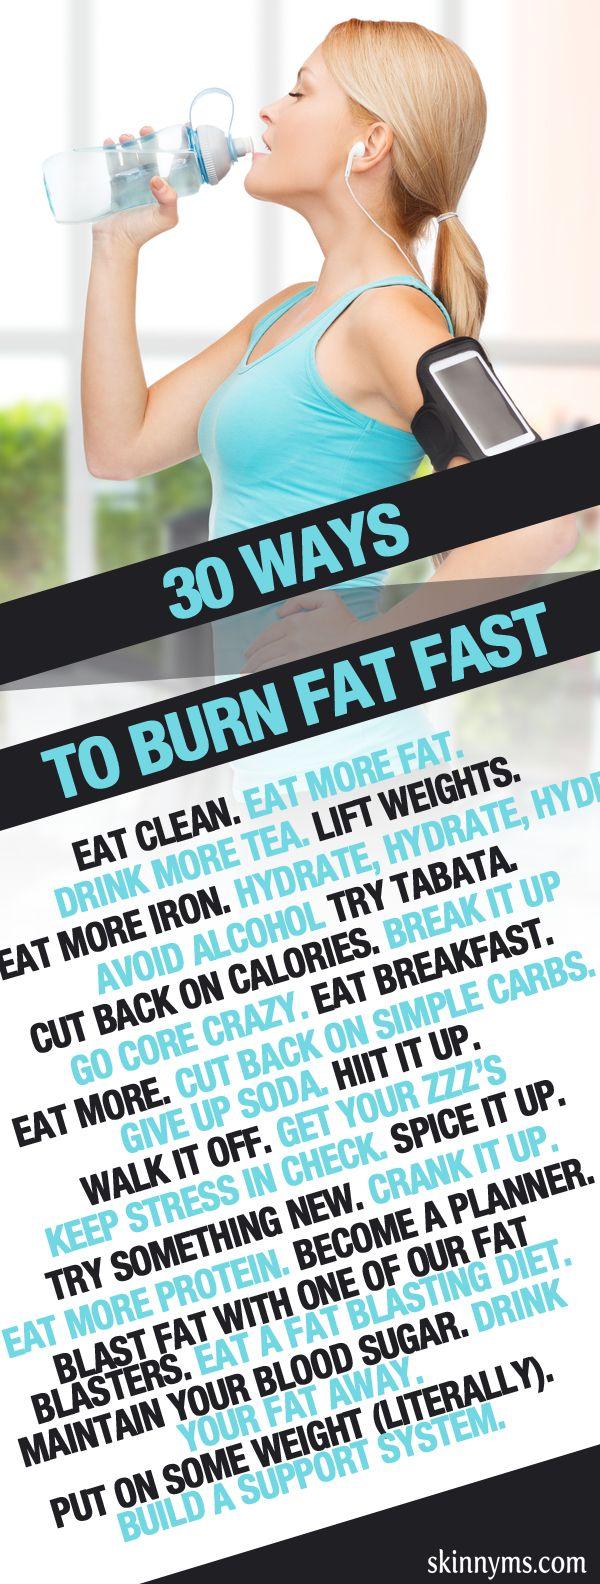 30 Ways to Burn Fat Fast!